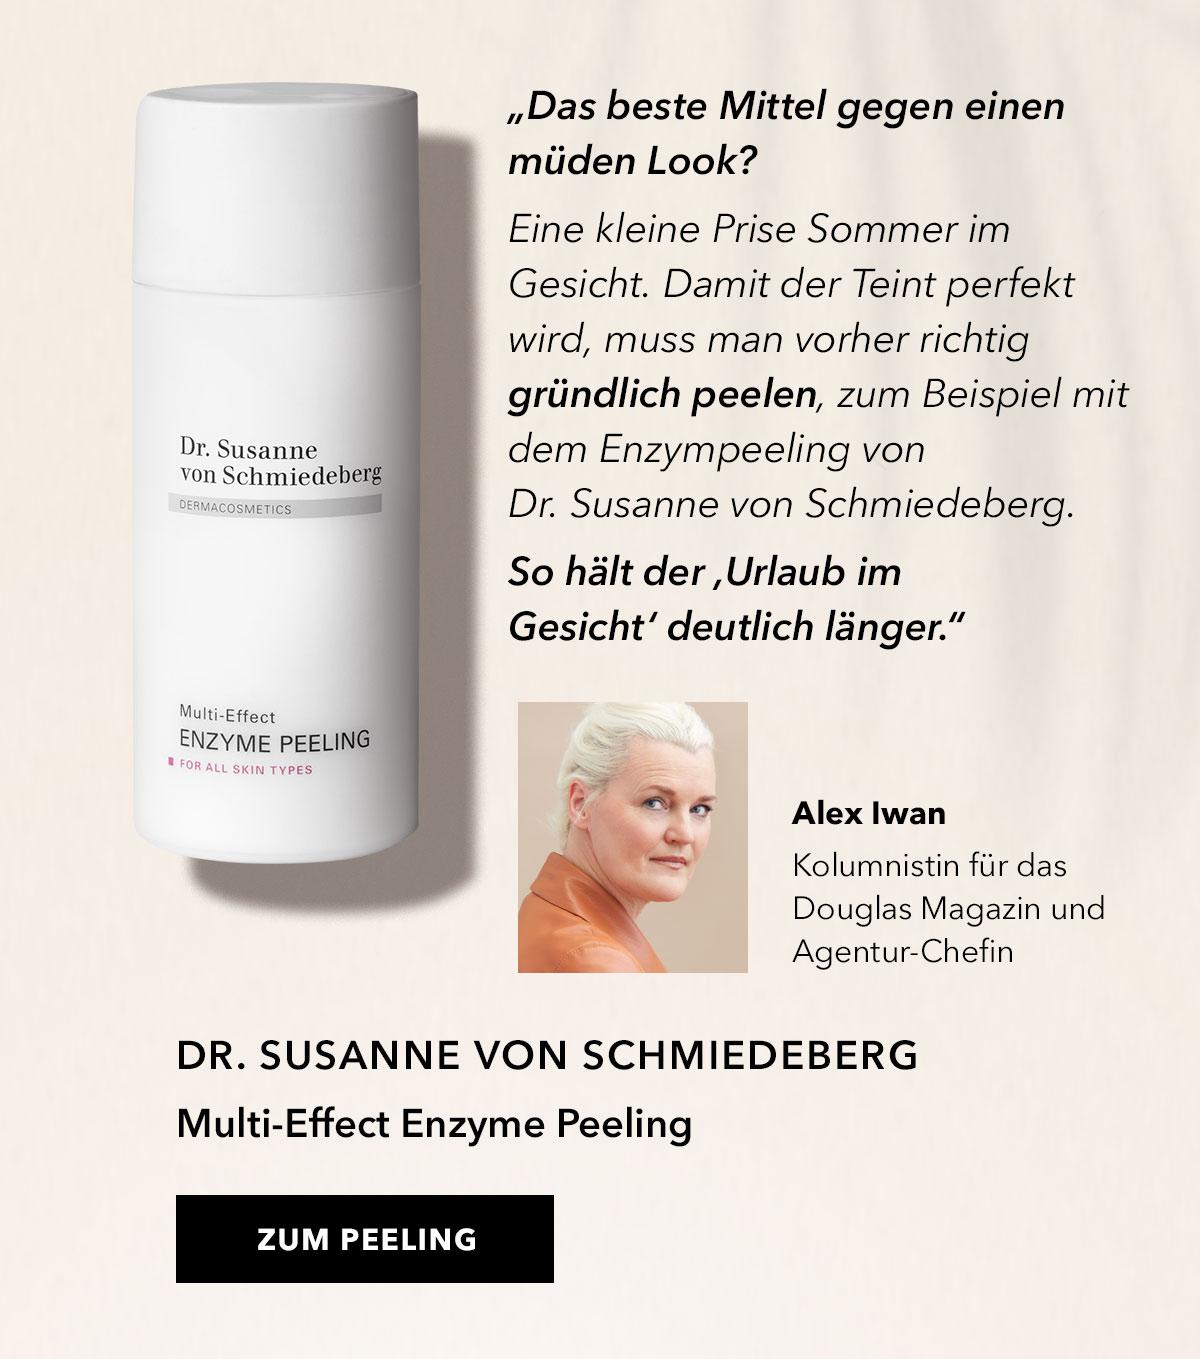 Dr. Susanne von Schmiedeberg